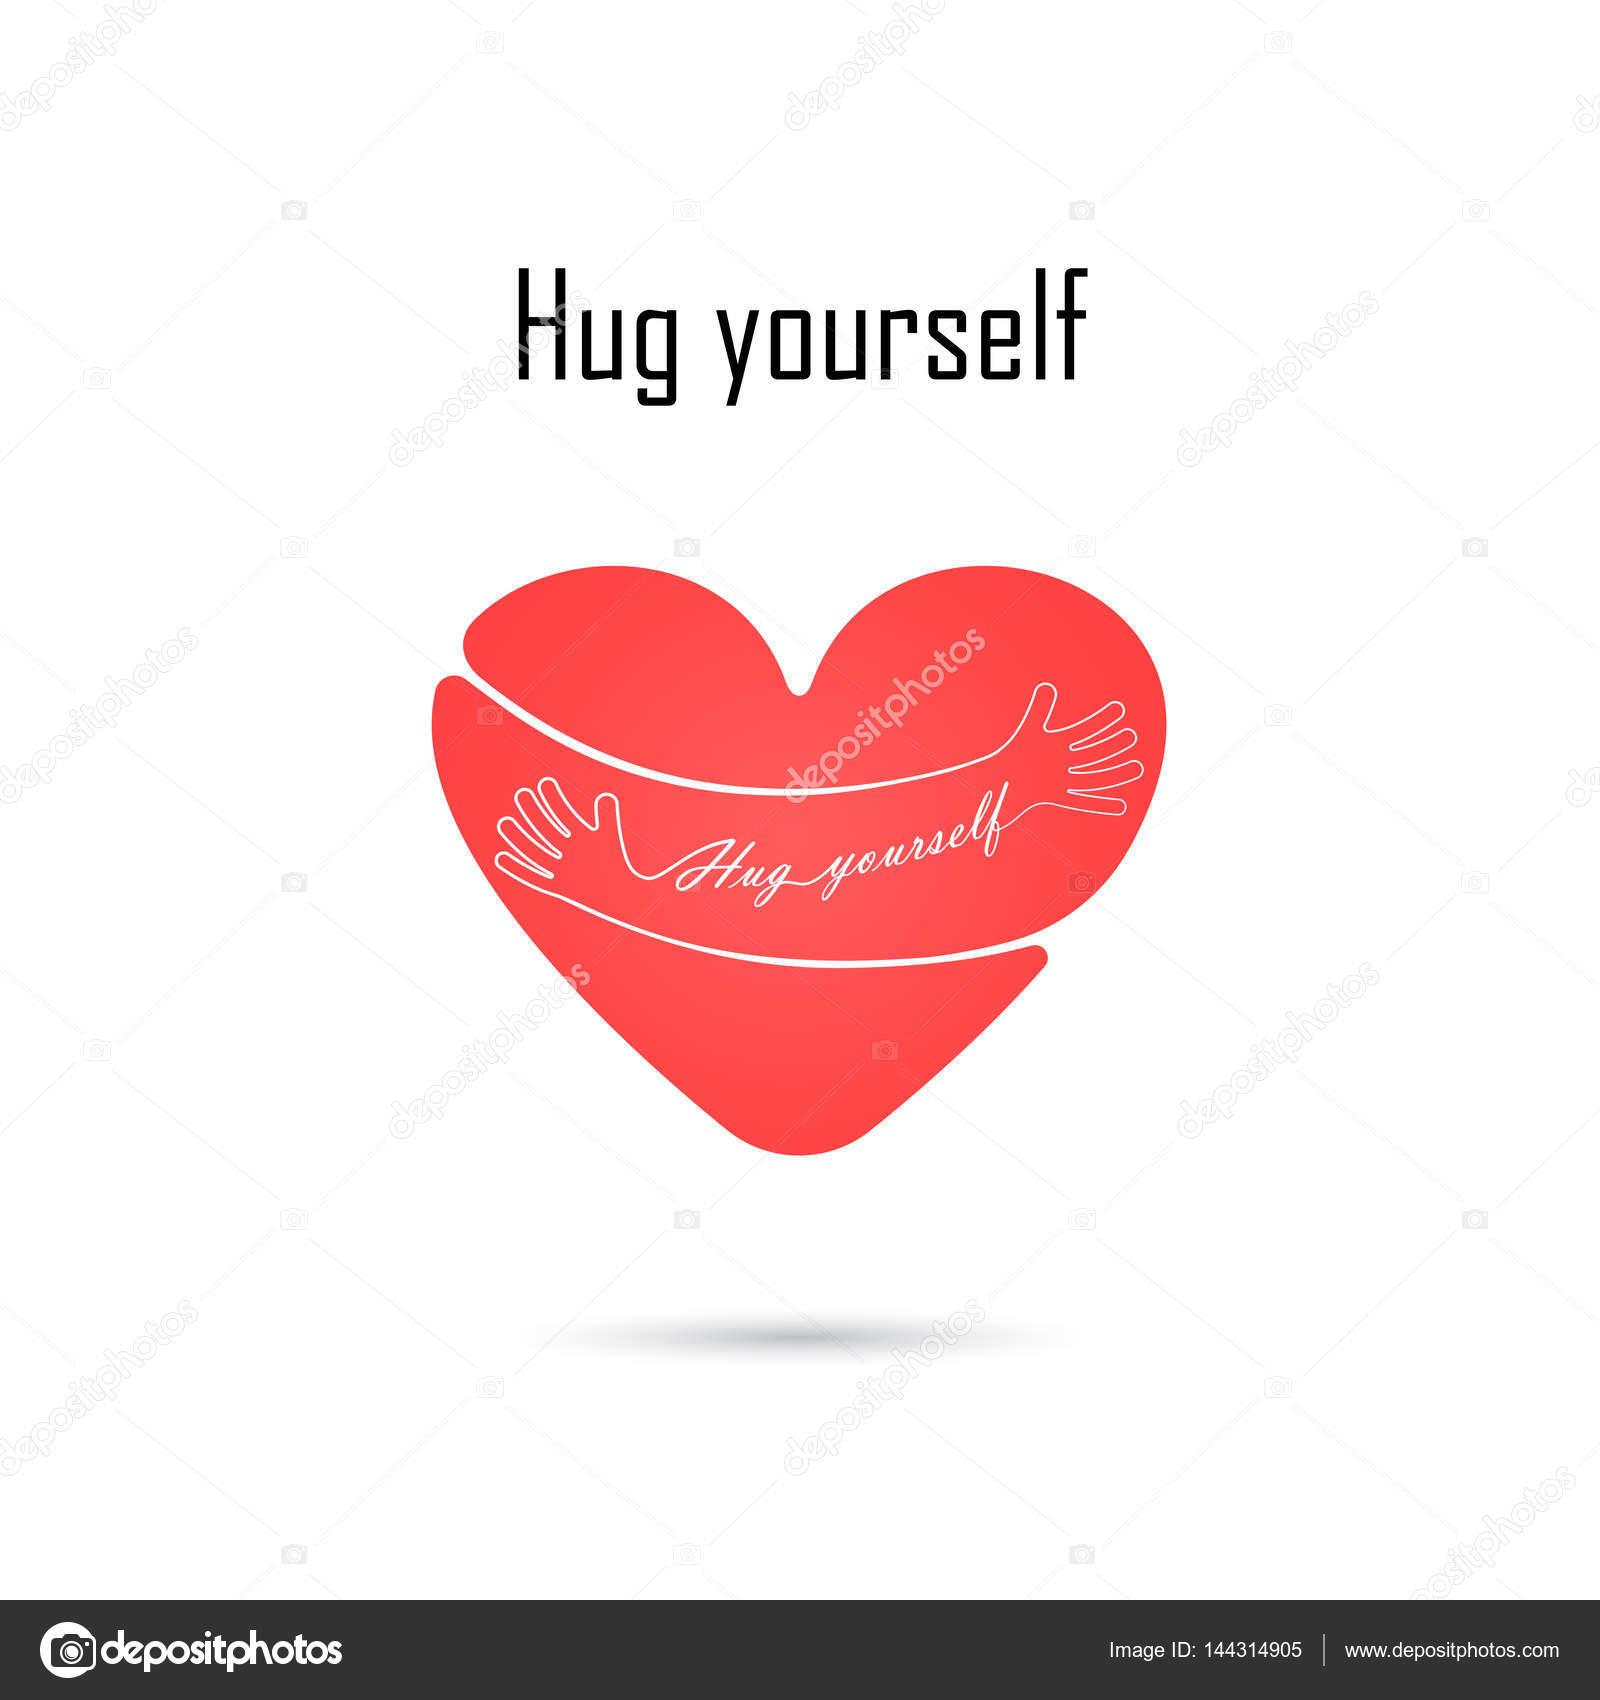 Hug yourself logolove yourself logolove and heart care iconem hug yourself logolove yourself logolove and heart care iconem buycottarizona